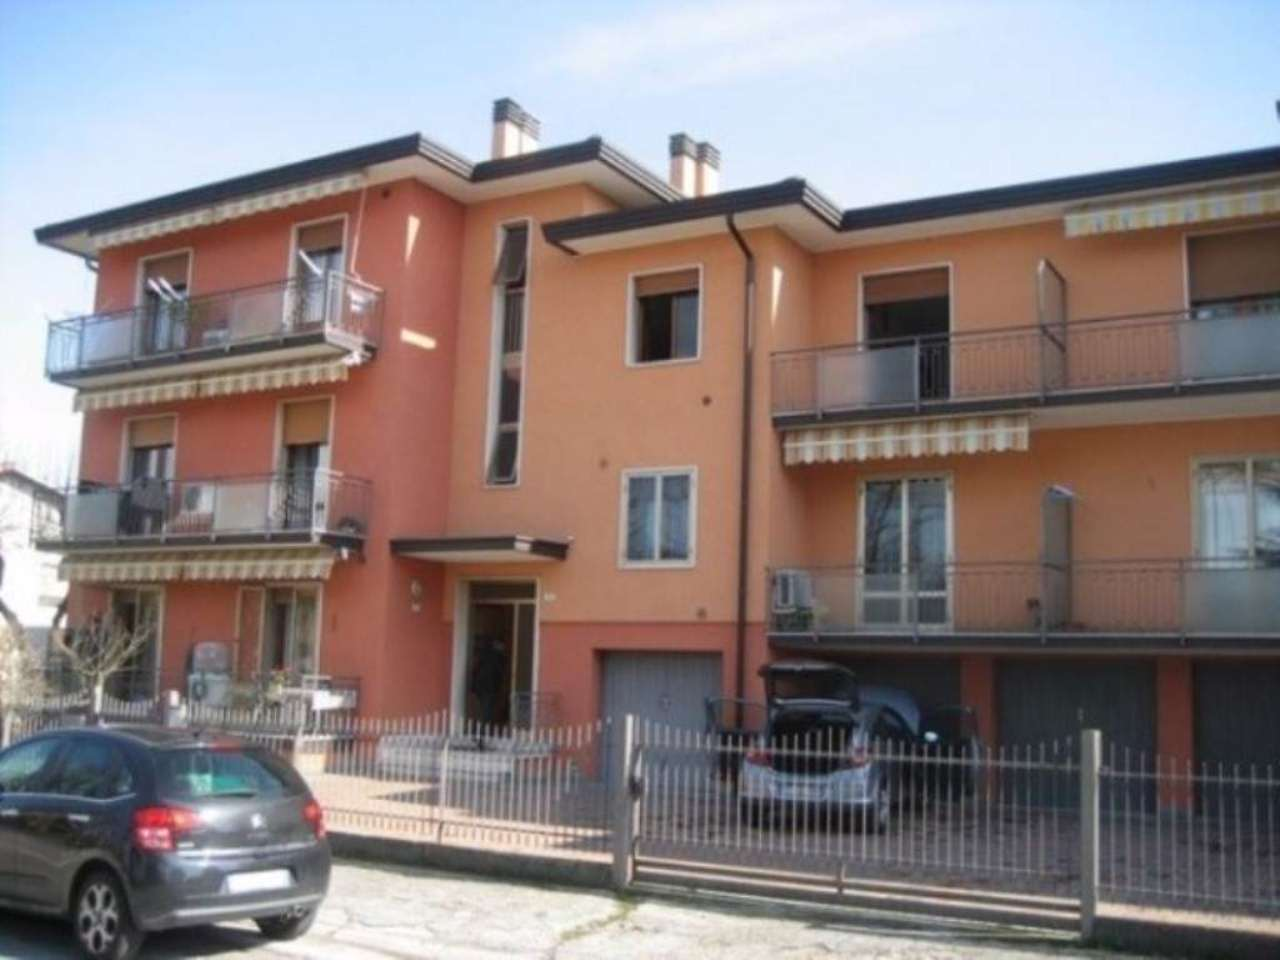 Appartamento in vendita a Mira, 4 locali, prezzo € 95.000 | Cambio Casa.it